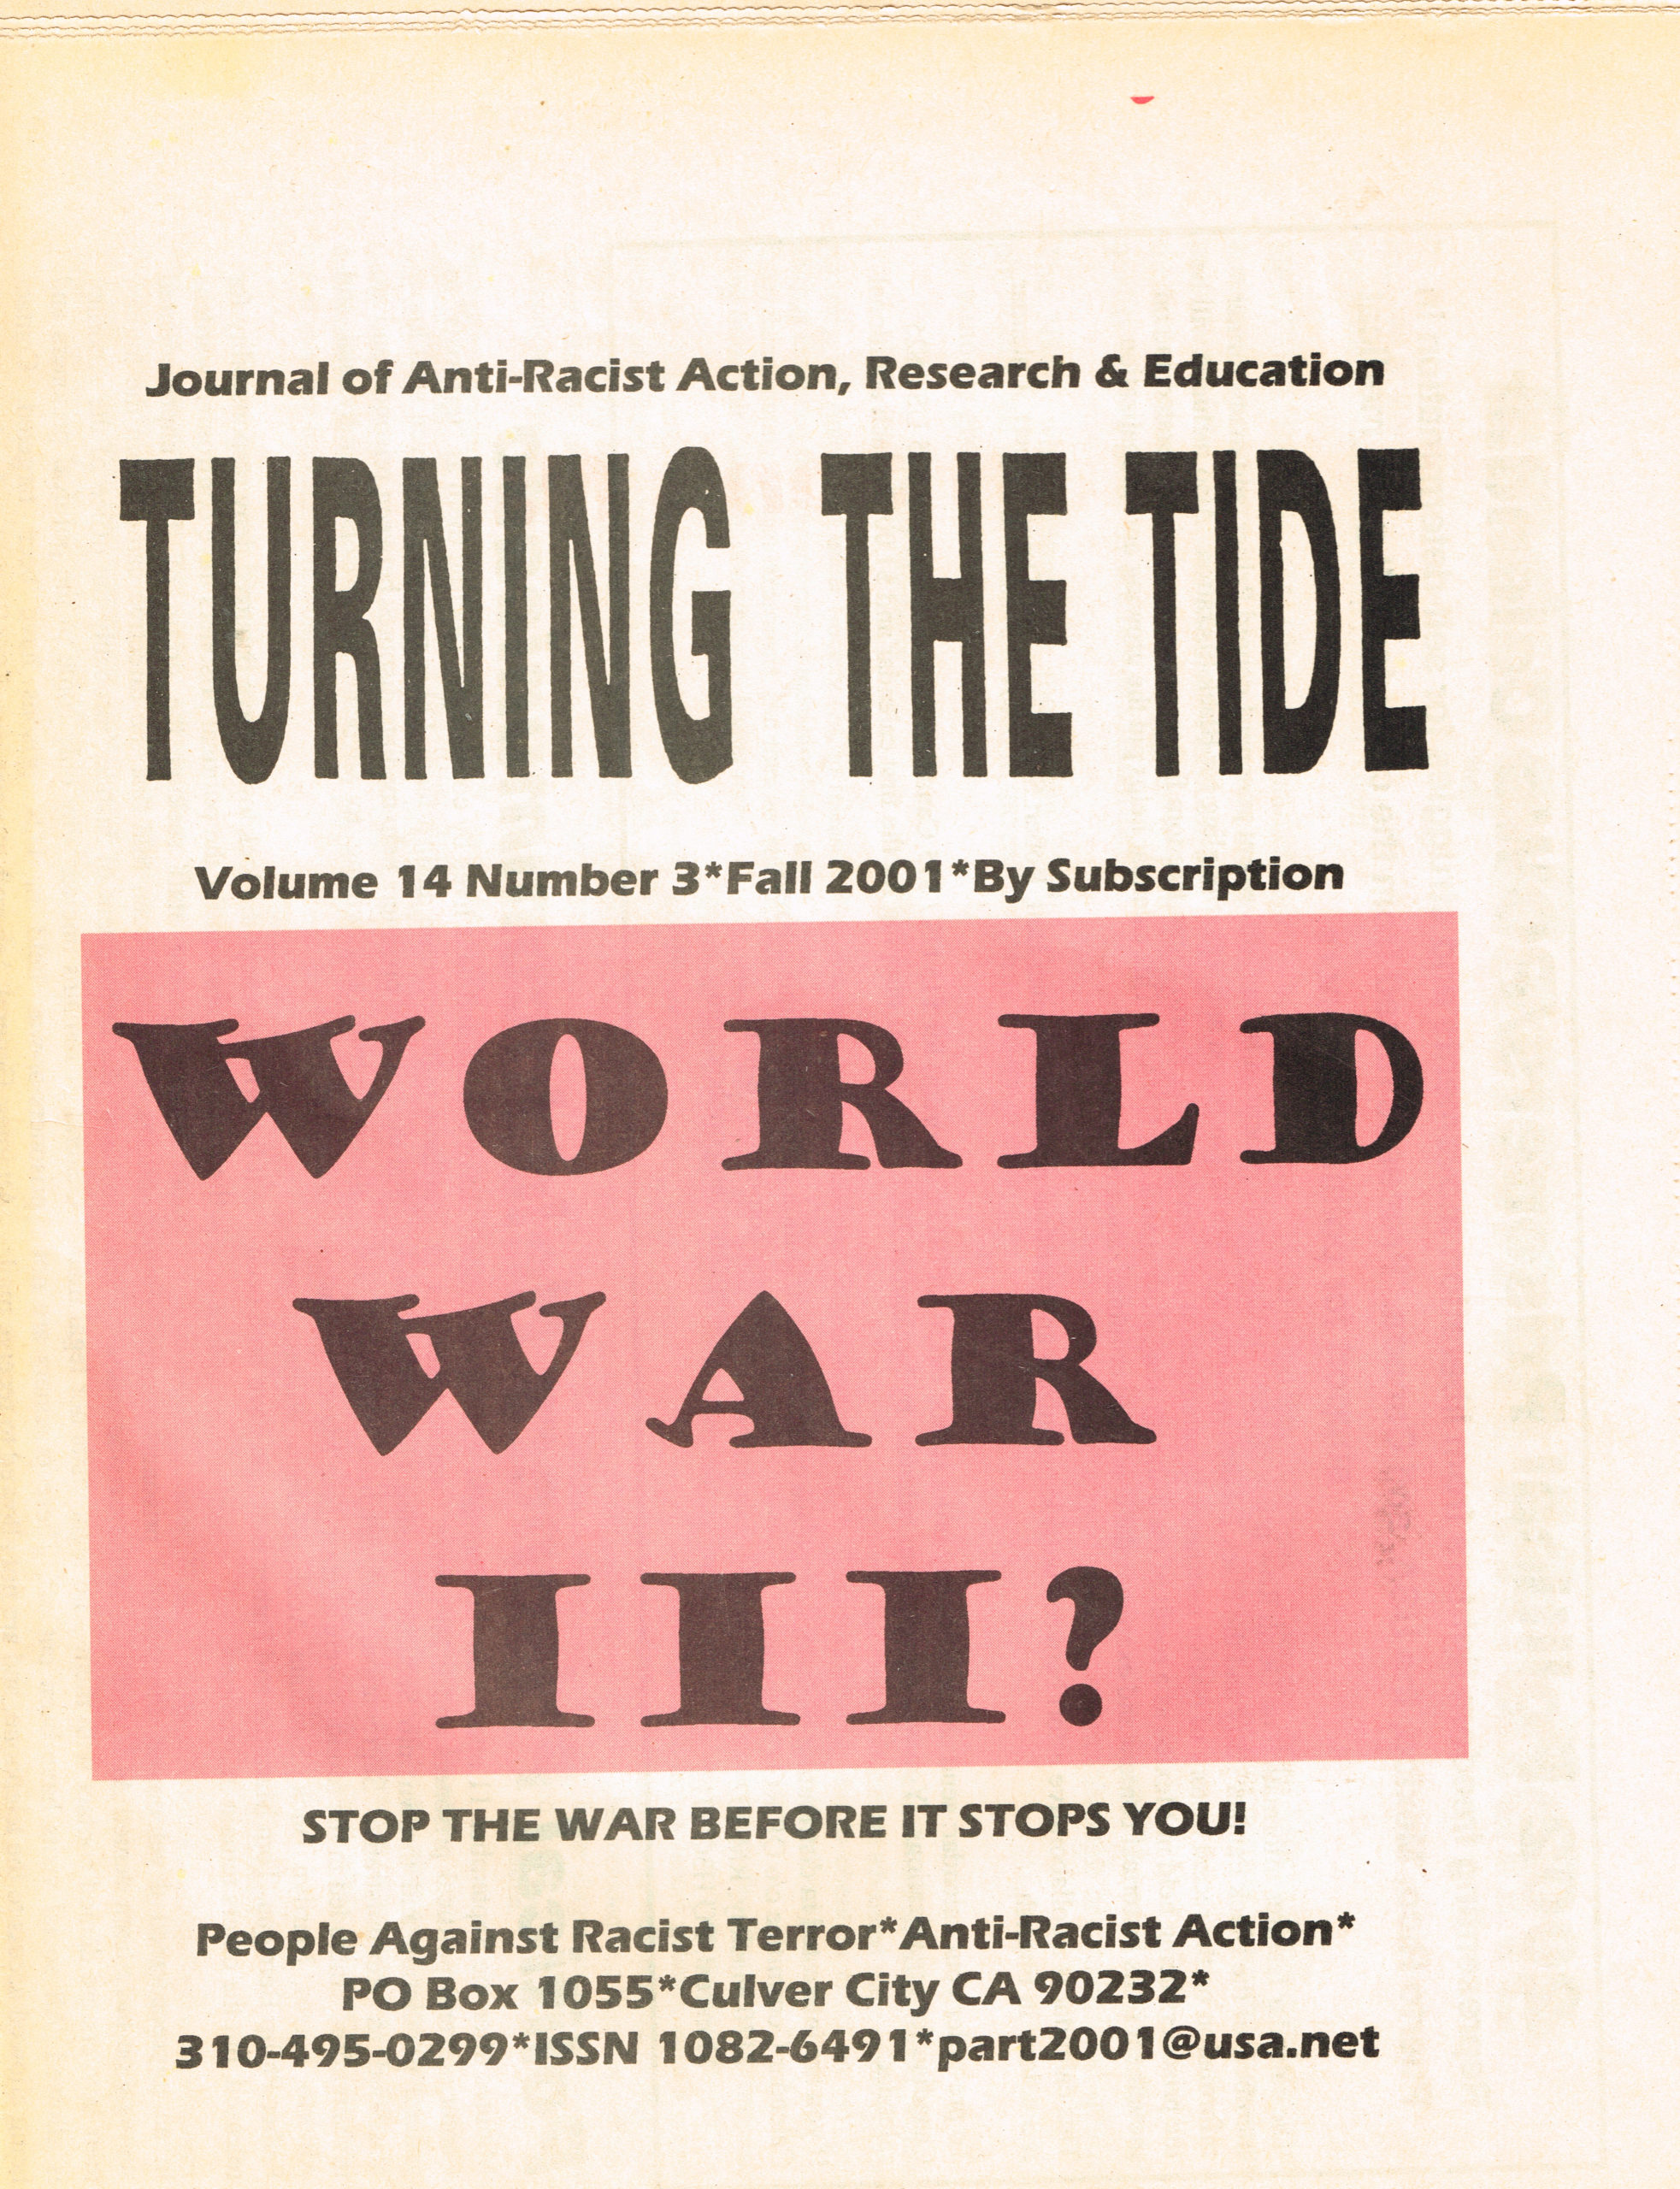 TTT, Volume 14, #3 Fall 2001